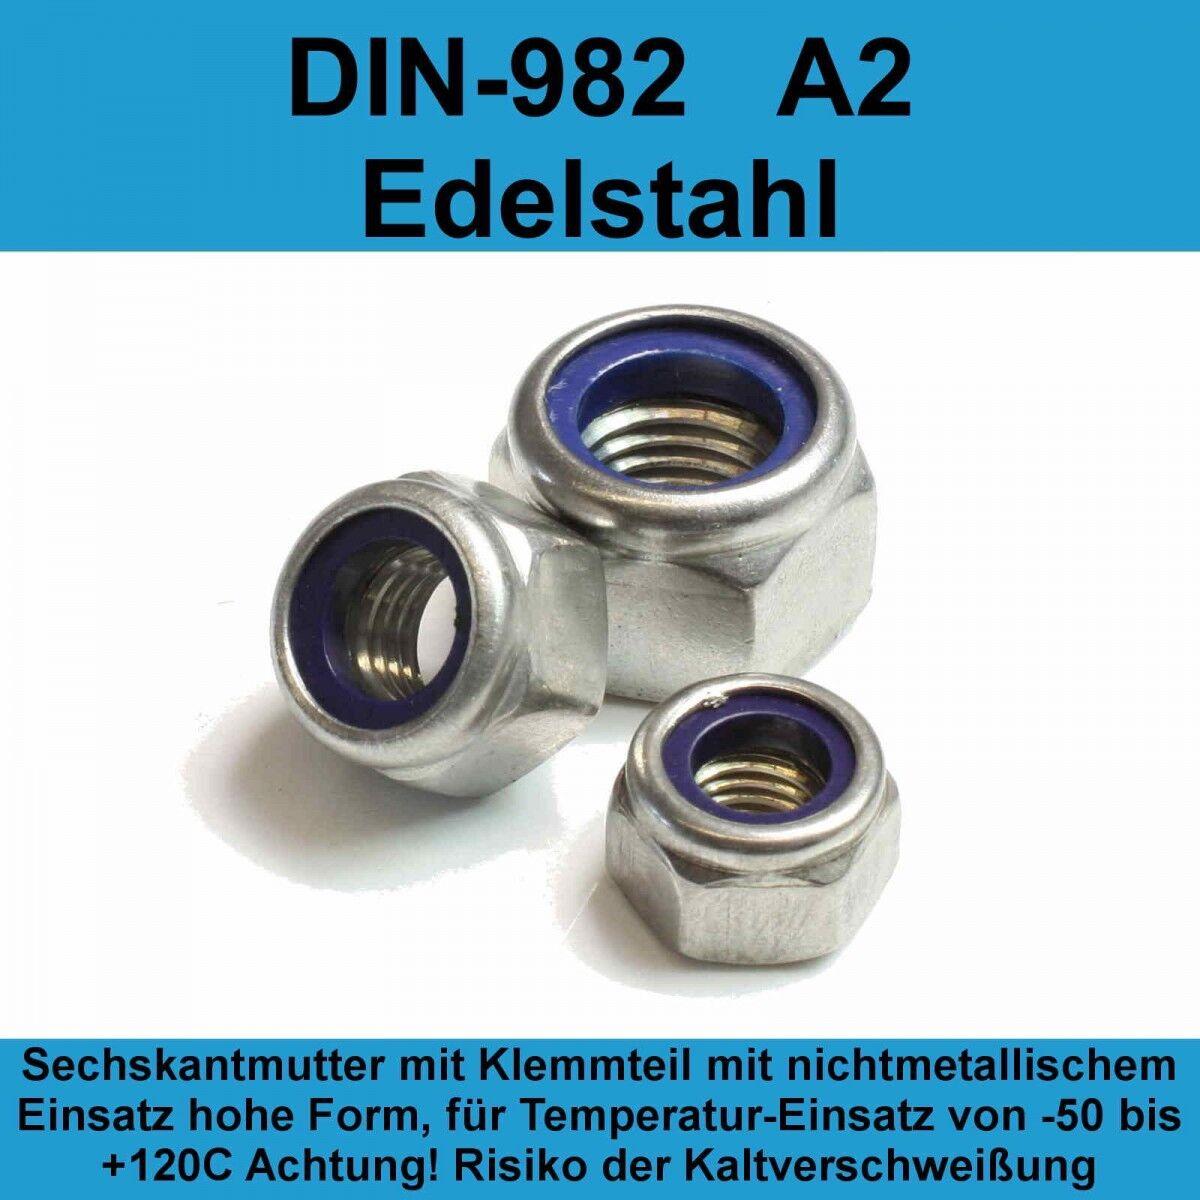 M10 DIN 982 Sicherungsmuttern A2 V2A Edelstahl Klemmteil hohe Form Stopmuttern   | Billiger als der Preis